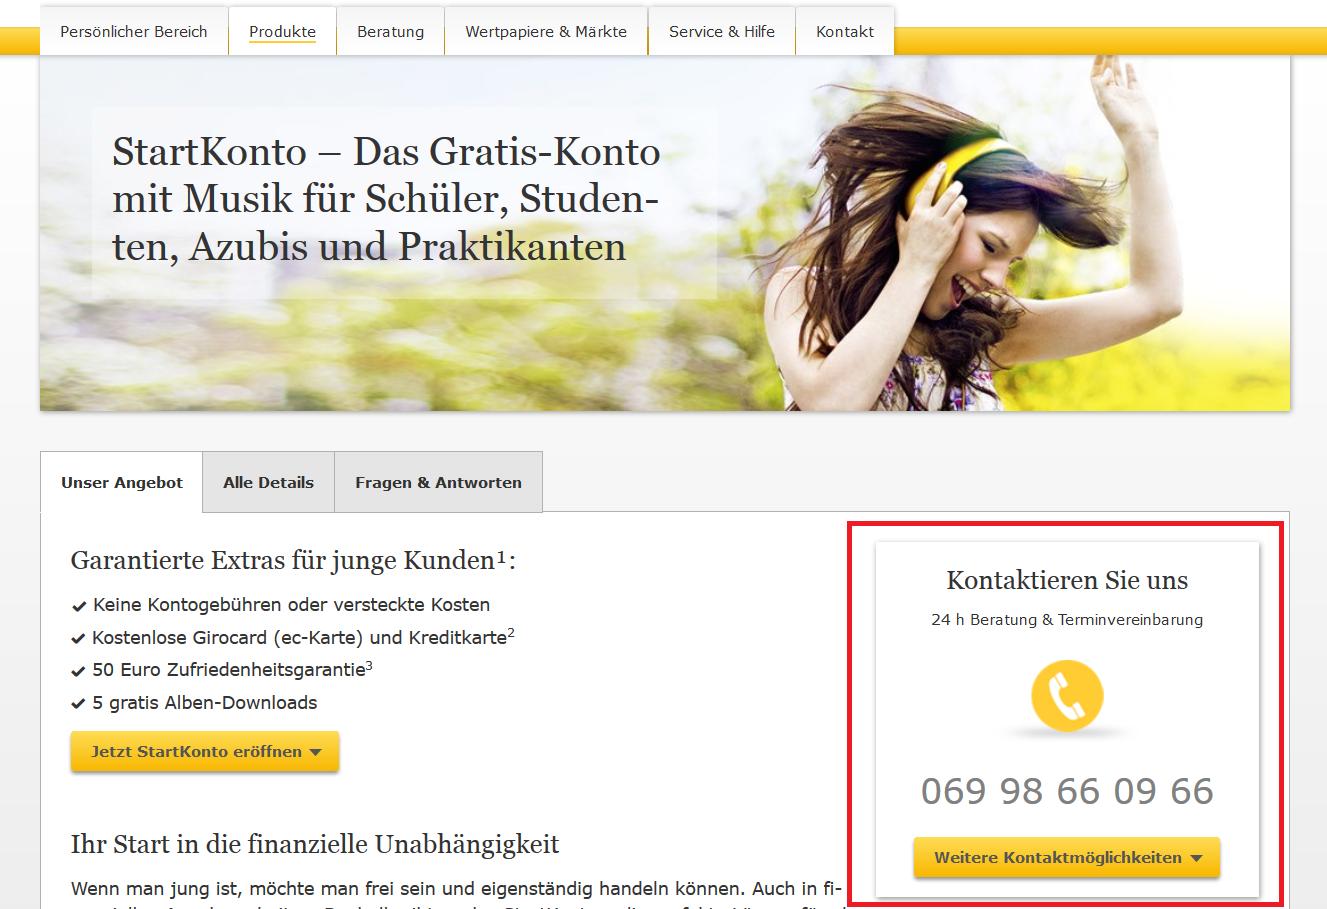 Die Telefonhotline der Commerzbank